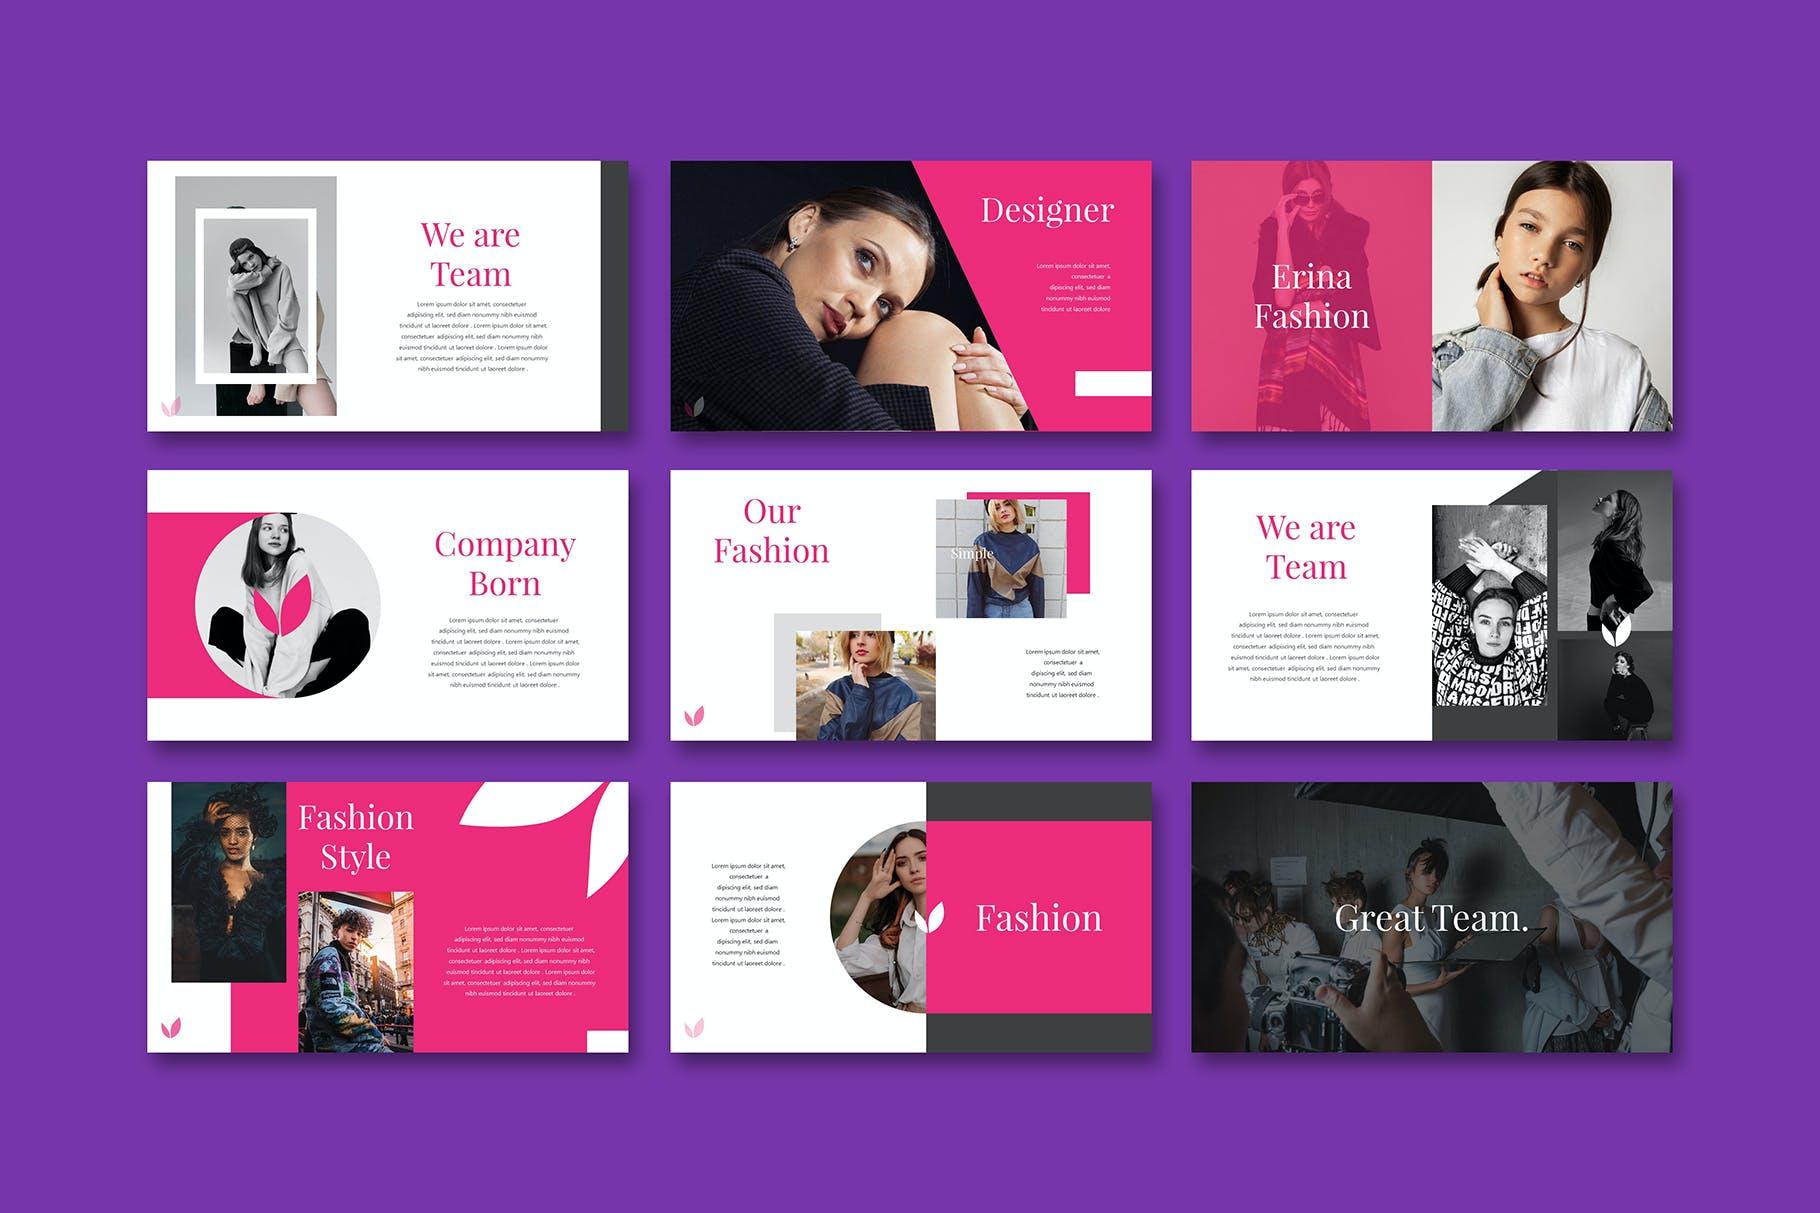 女性时尚演示文稿PPT模板 Erina – Powerpoint Template设计素材模板